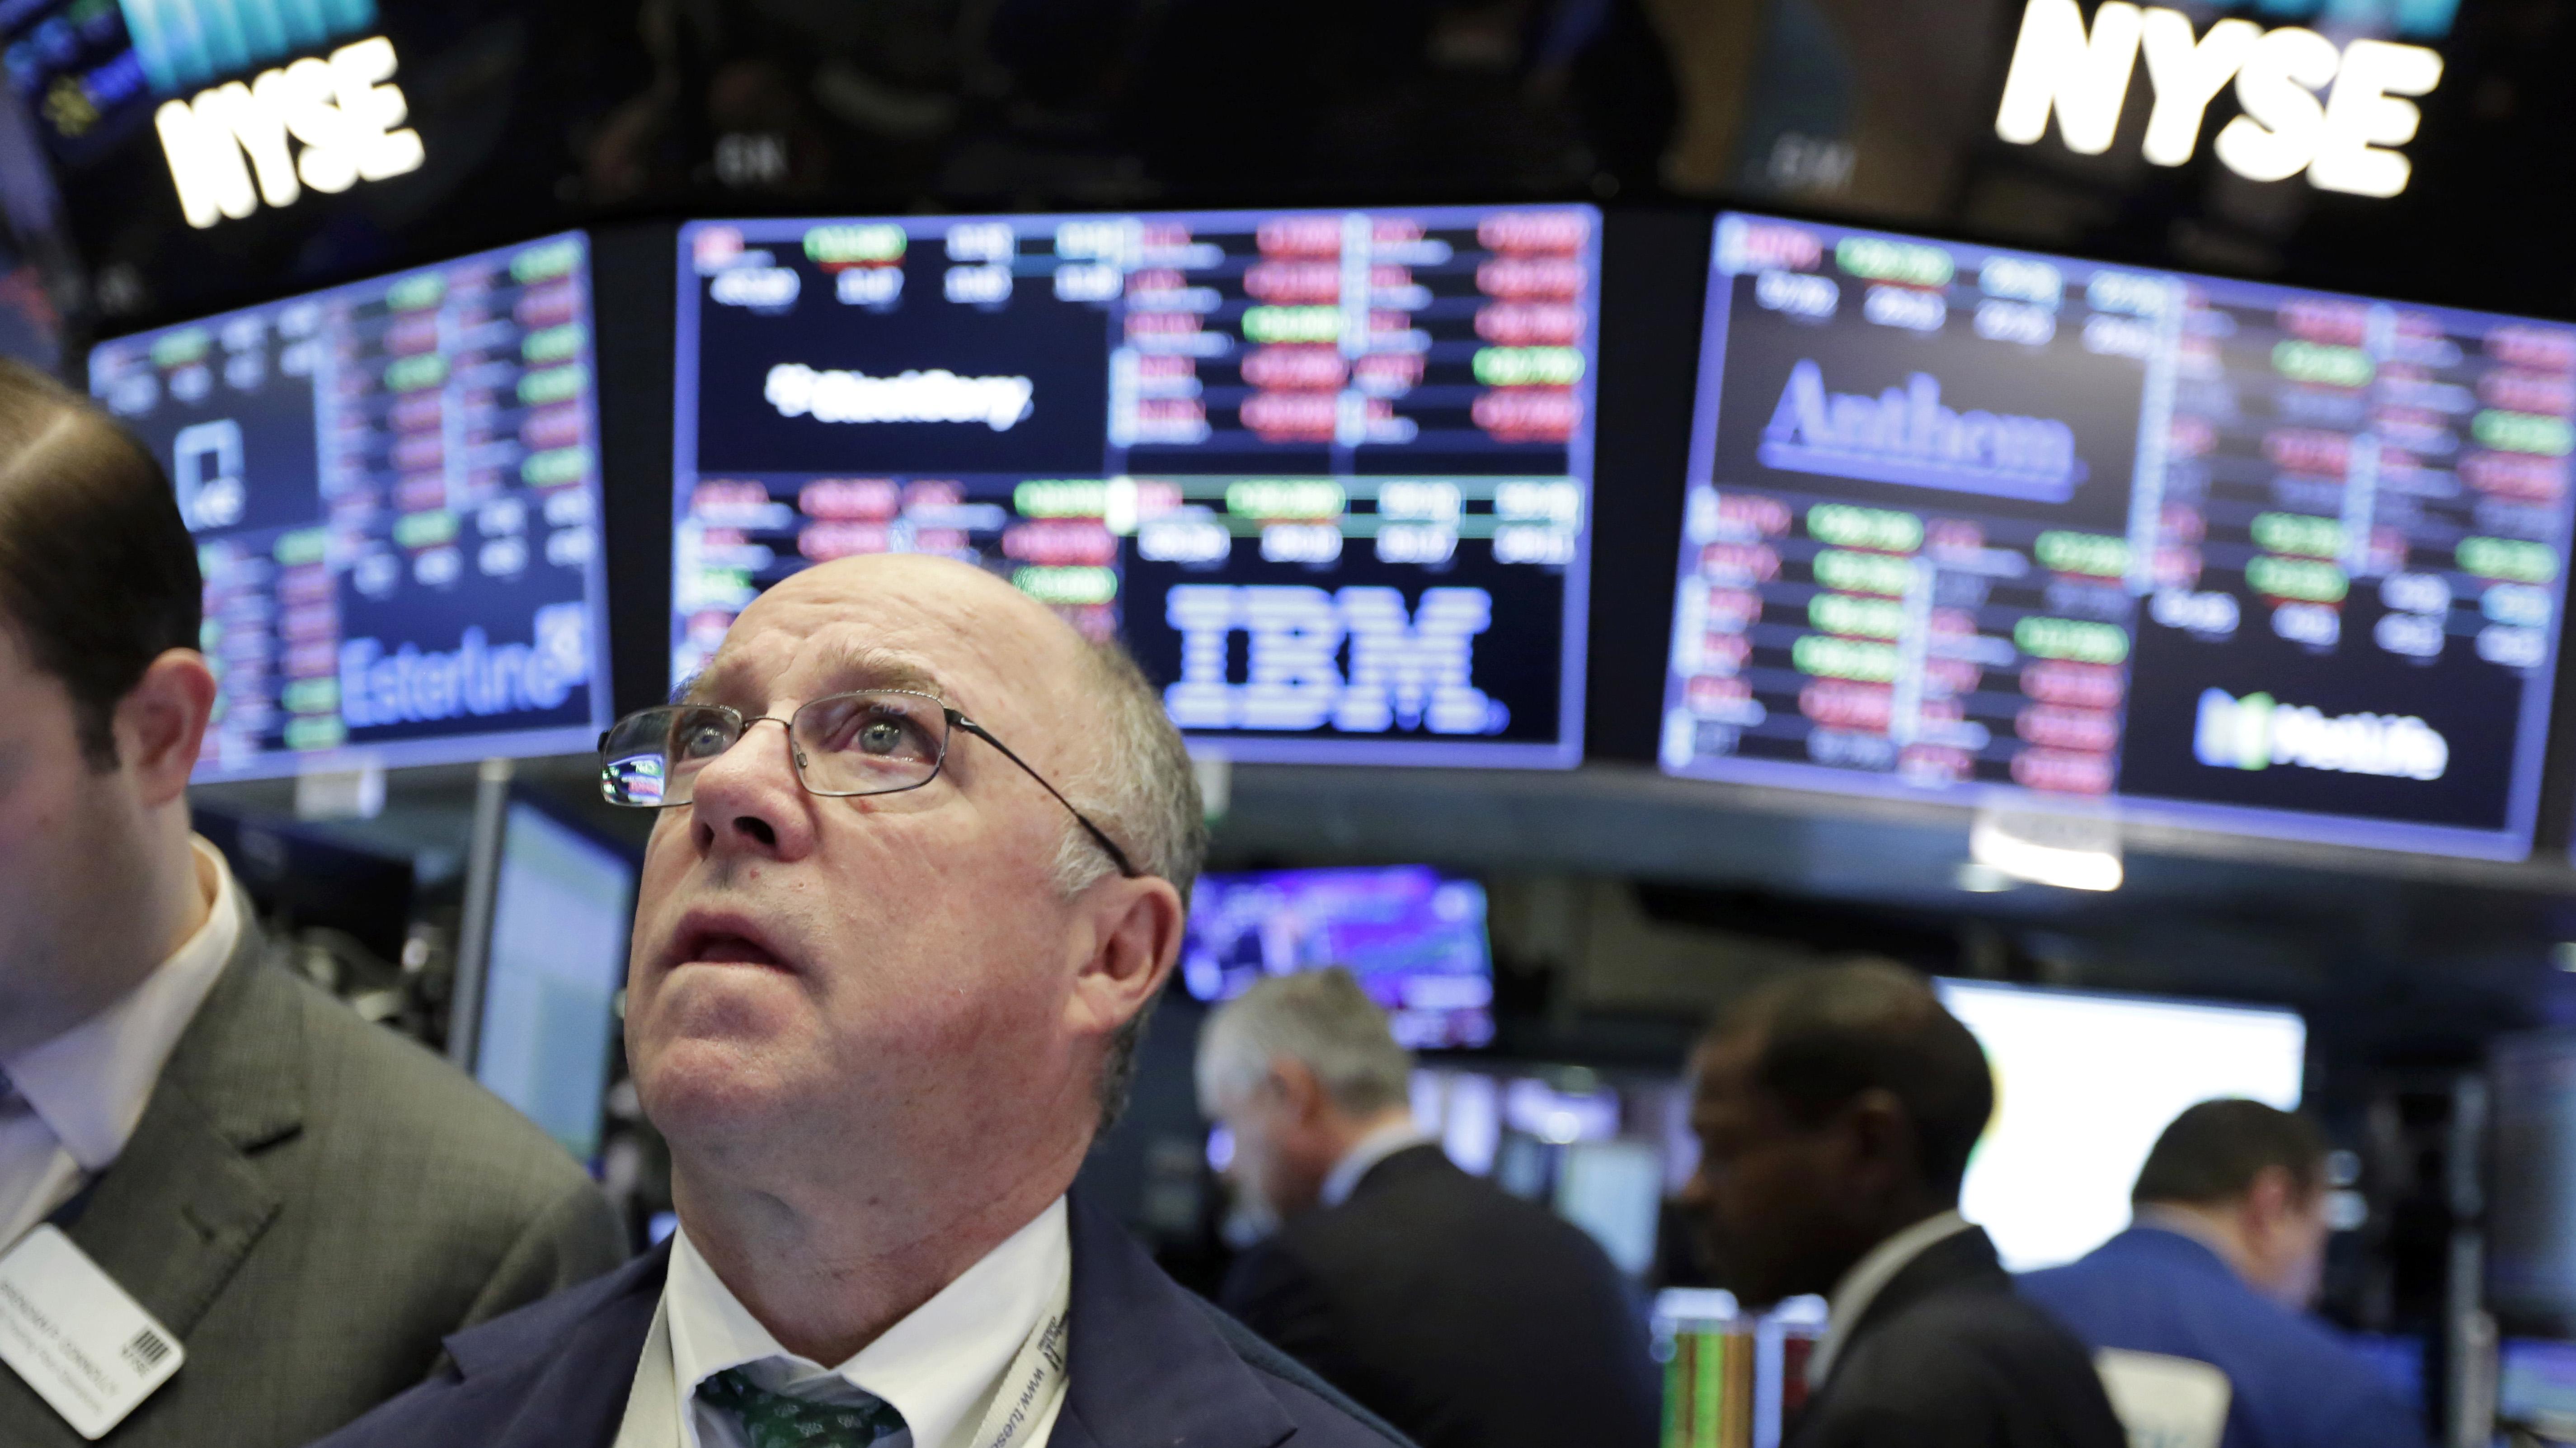 Nerviosismo en las bolsas ante nuevos aranceles chinos y amenaza de respuesta de Trump que agudizan guerra comercial